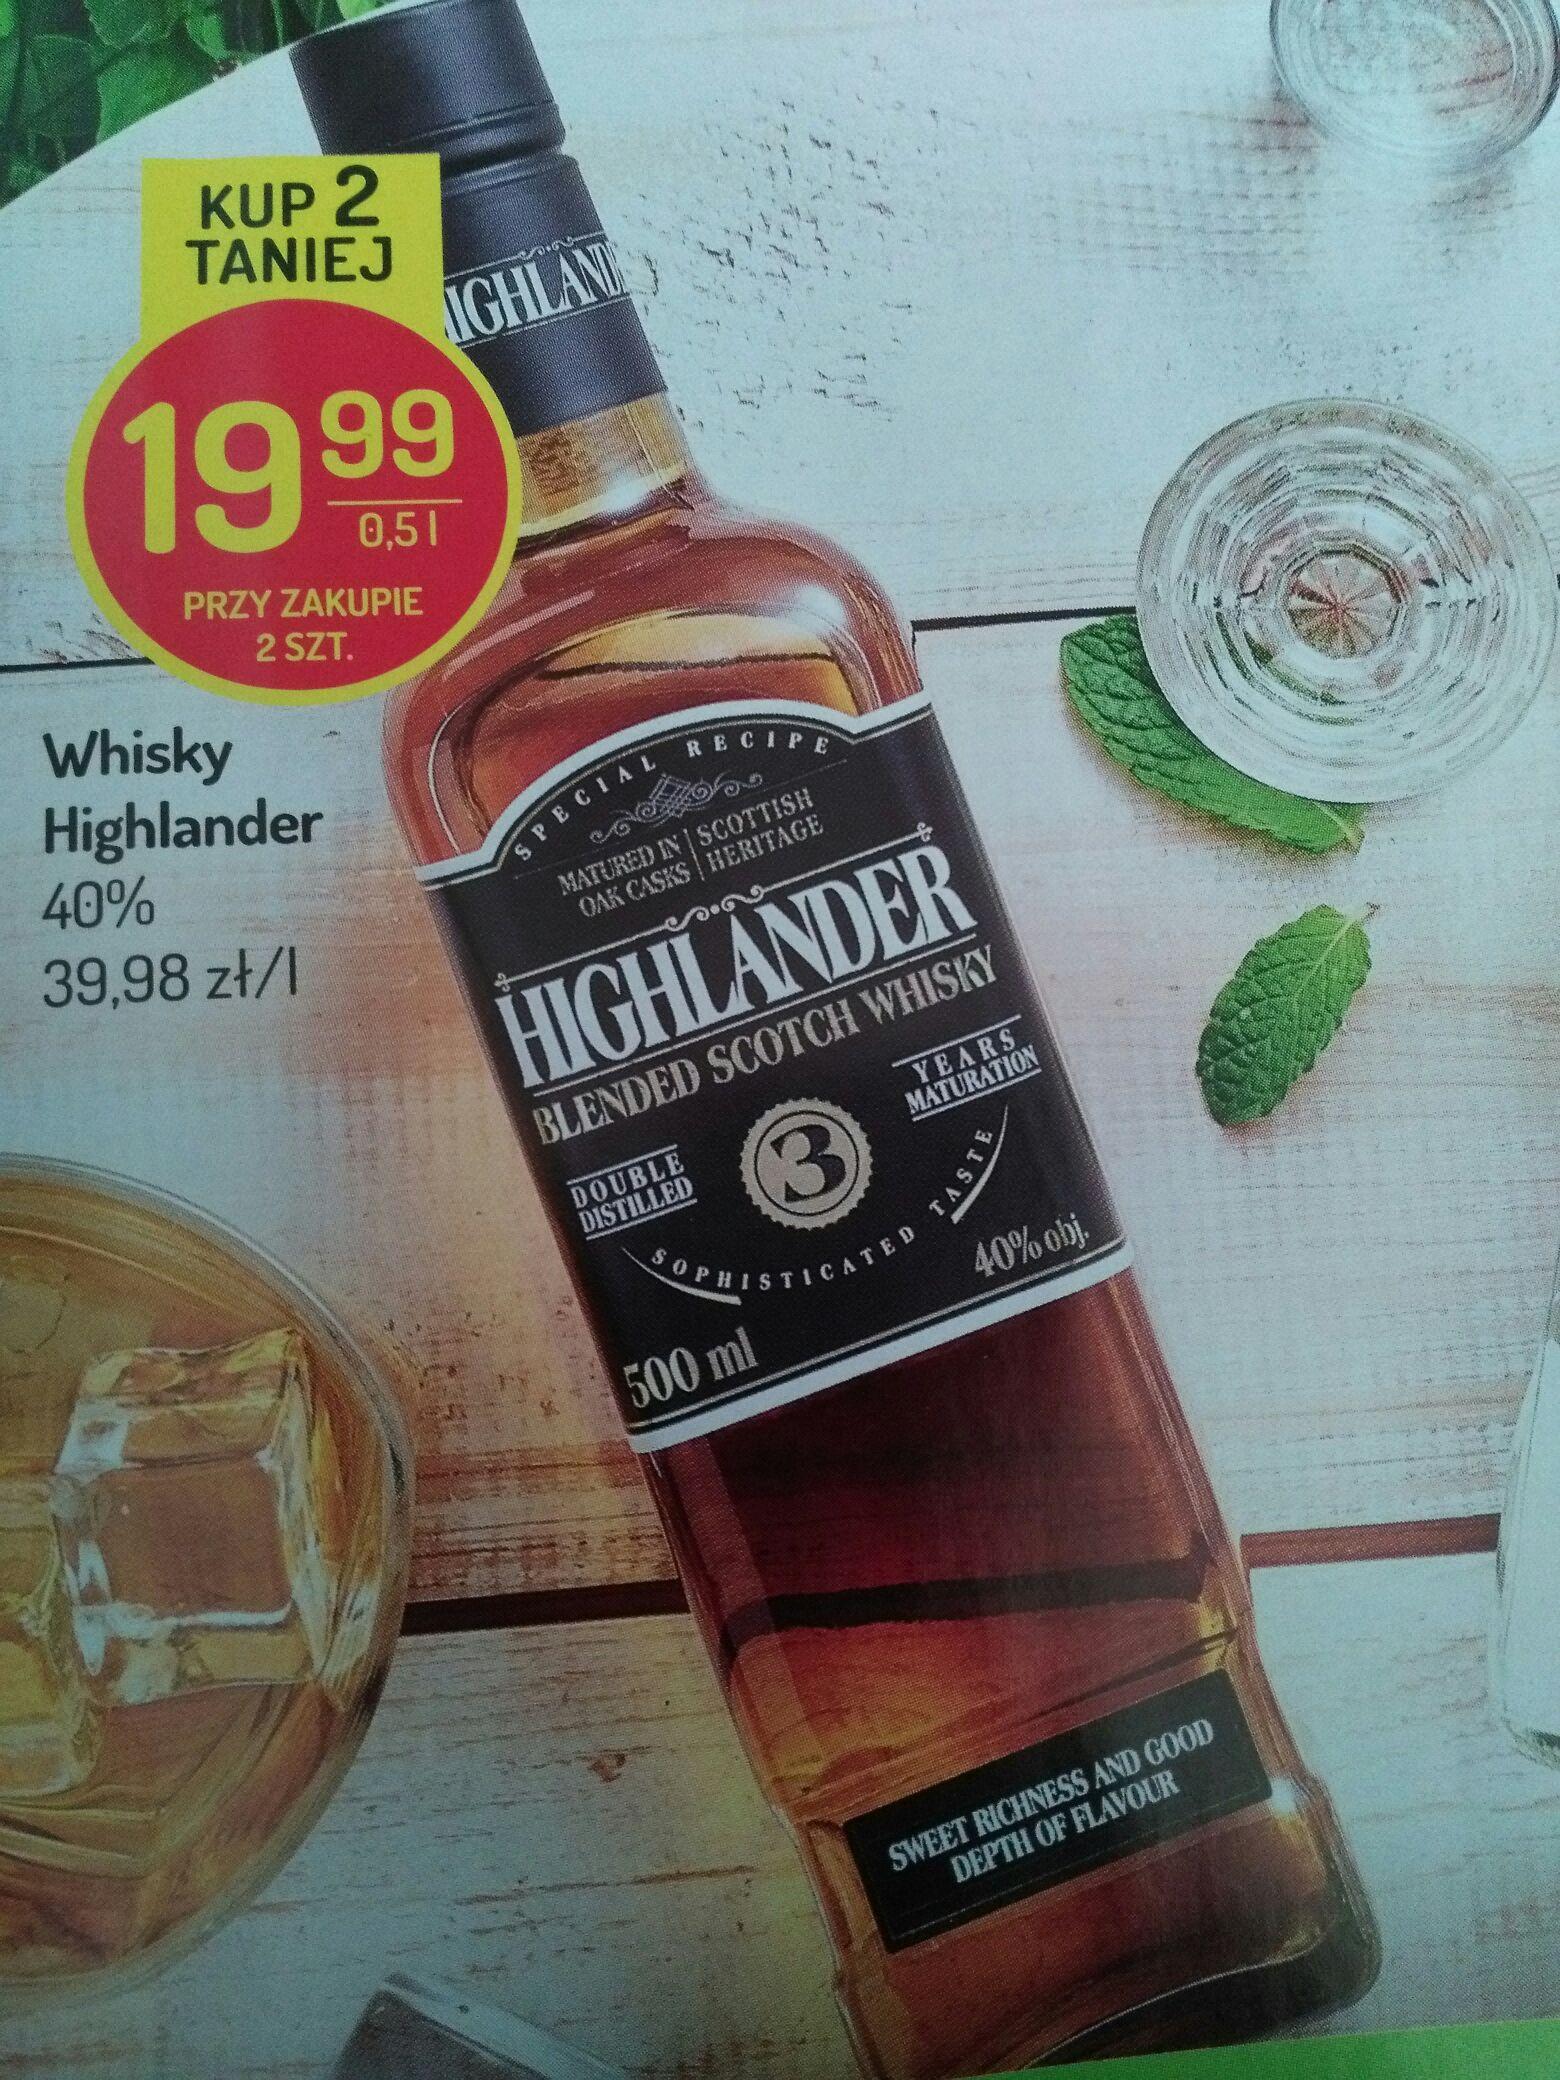 Tania łycha w cenie czystej Highlander 3 yo whisky